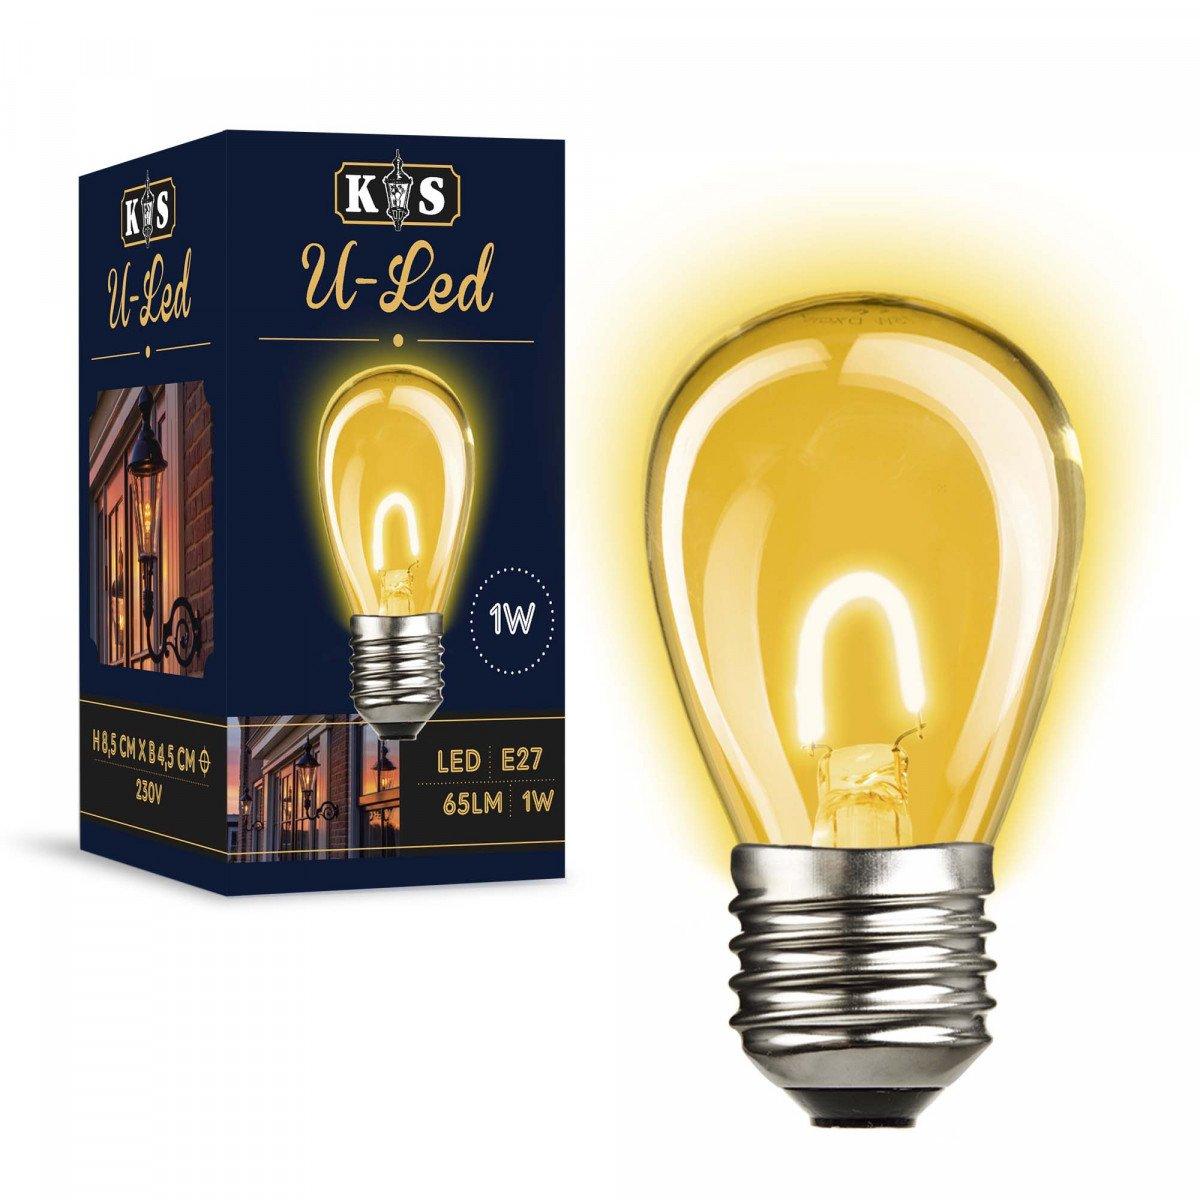 LED Feestverlichting 1 Watt - helder